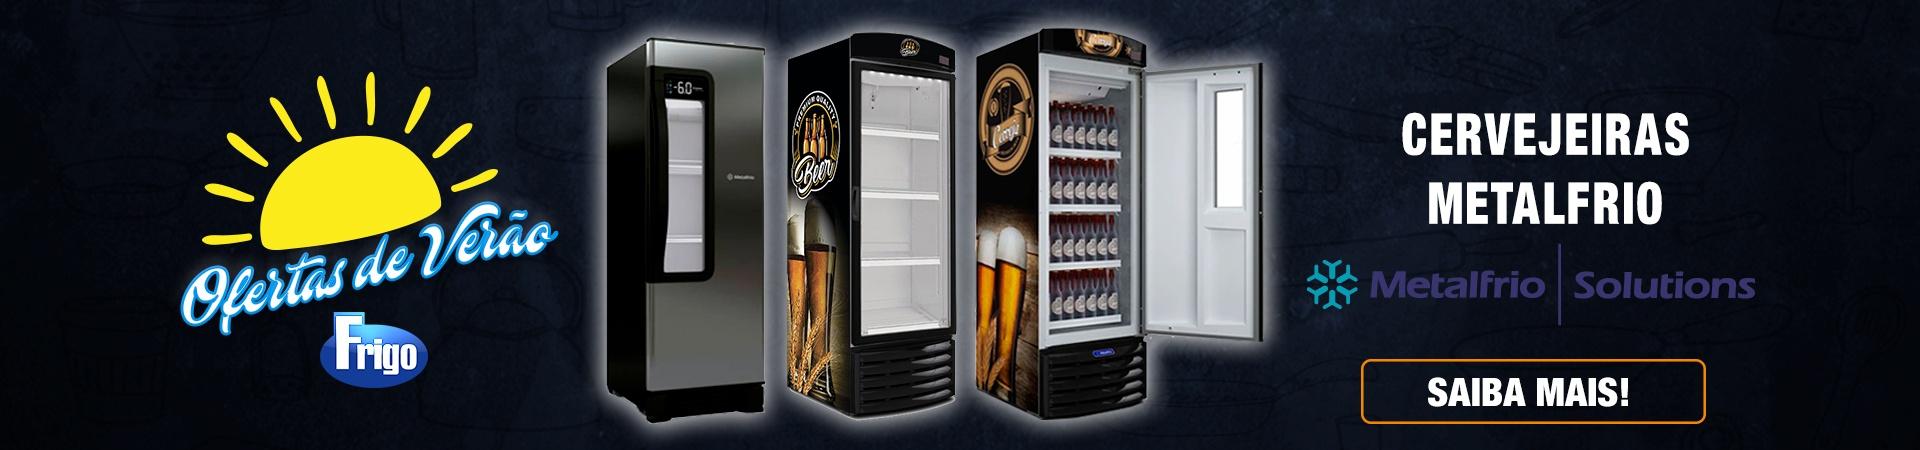 Cervejeira-Metalfrio